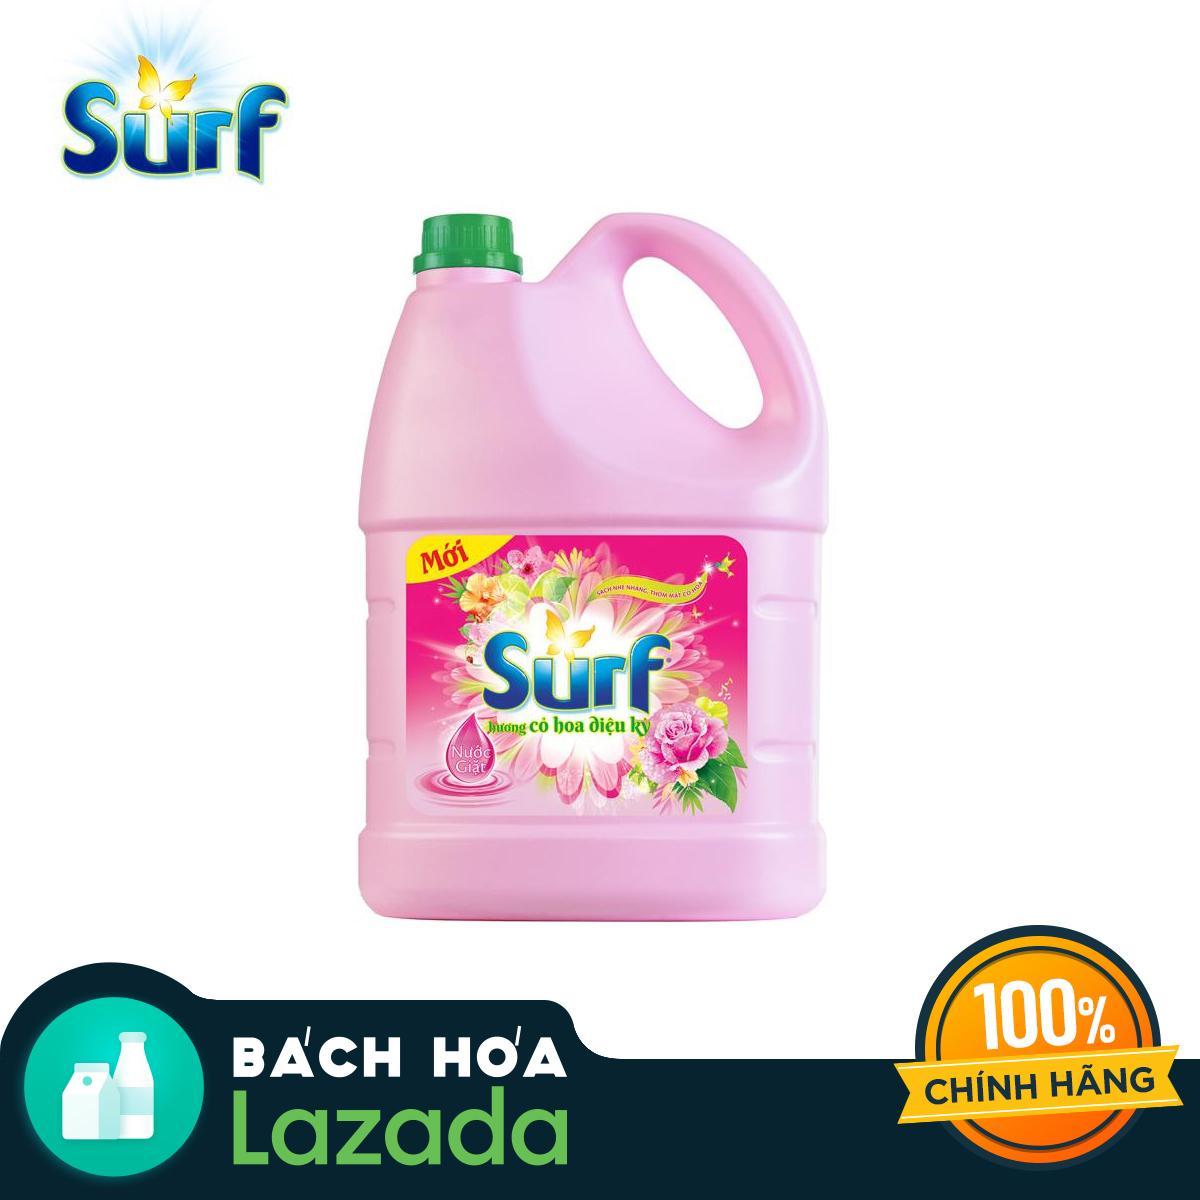 Nước giặt Surf hương hoa cỏ diệu kì 3.8kg